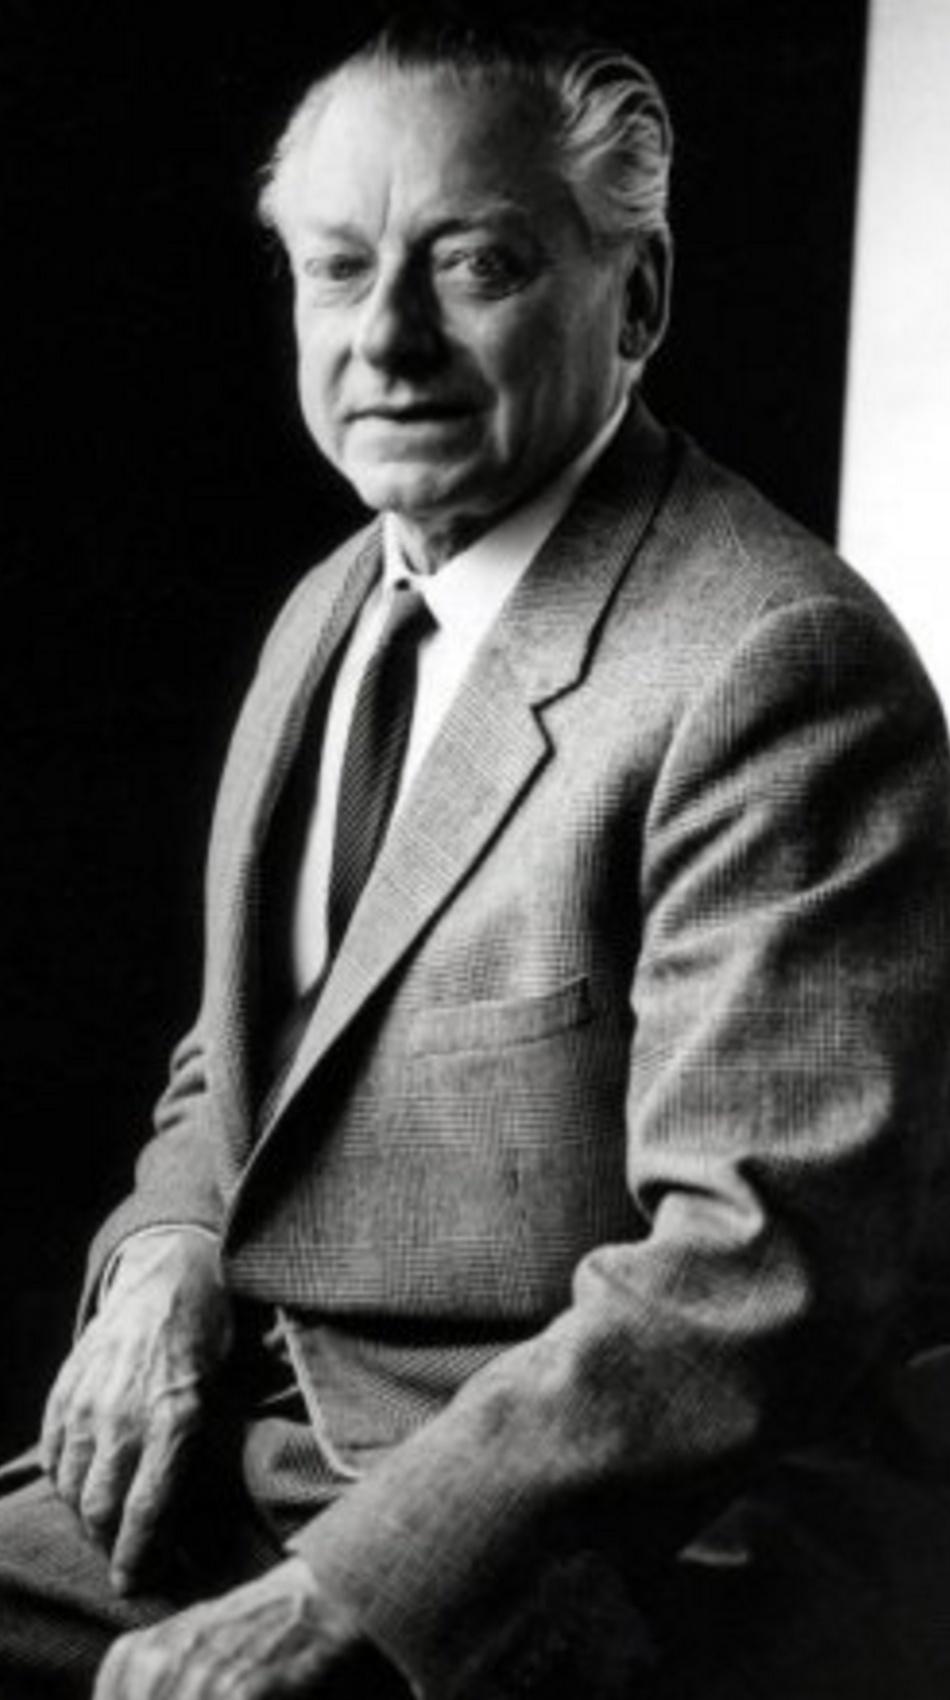 Portrait de Hans Schmidt-Isserstedt datant de 1968, Archief Spaarnestad, www.gahetna.nl